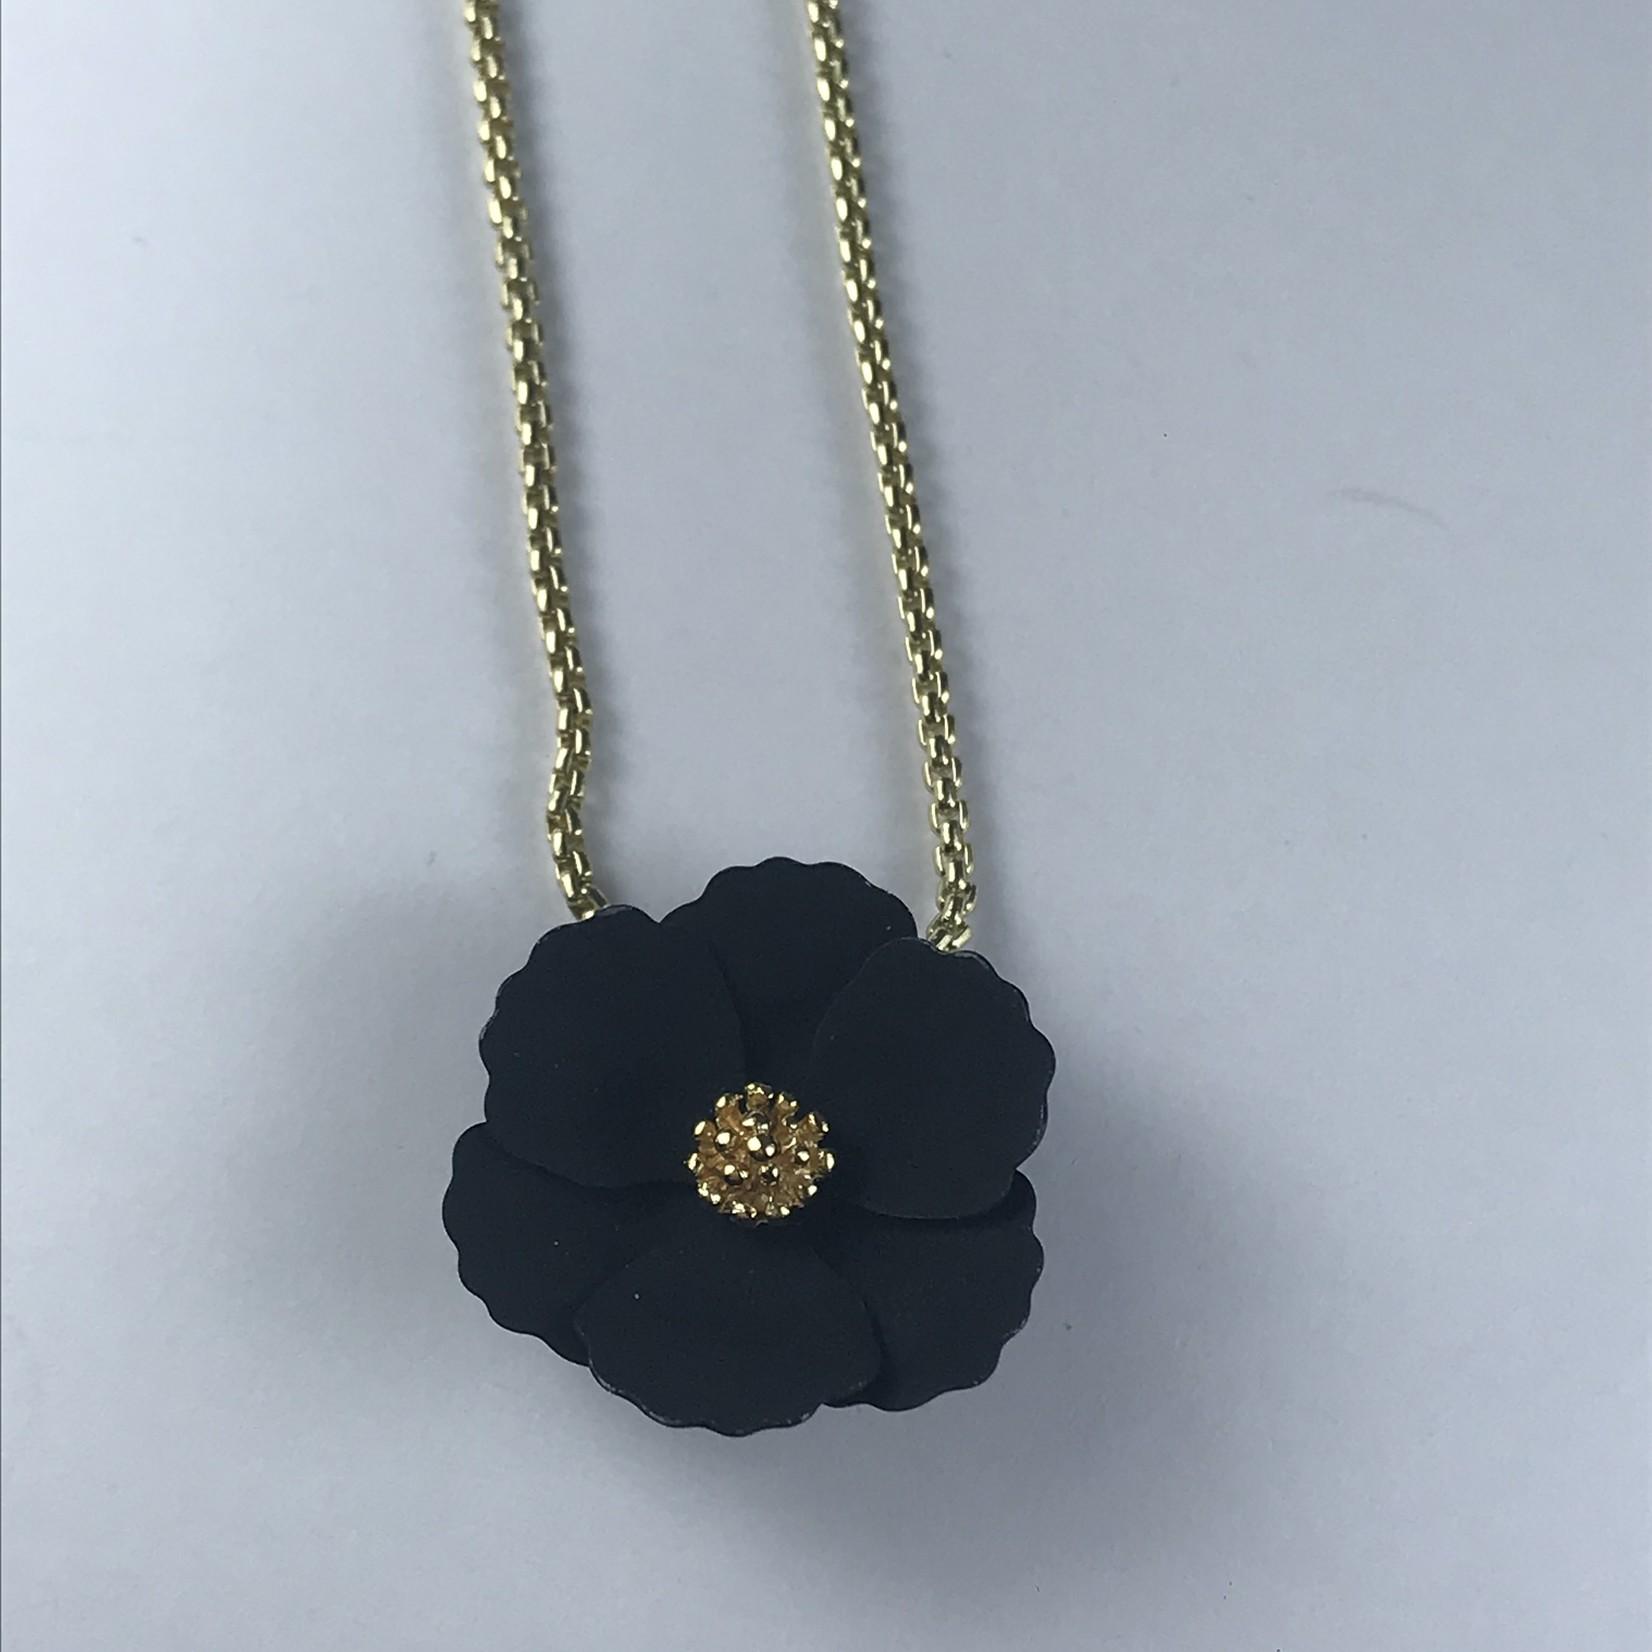 Axxes-Soir Ketting kort goudkleurig  met zwart bloemetje